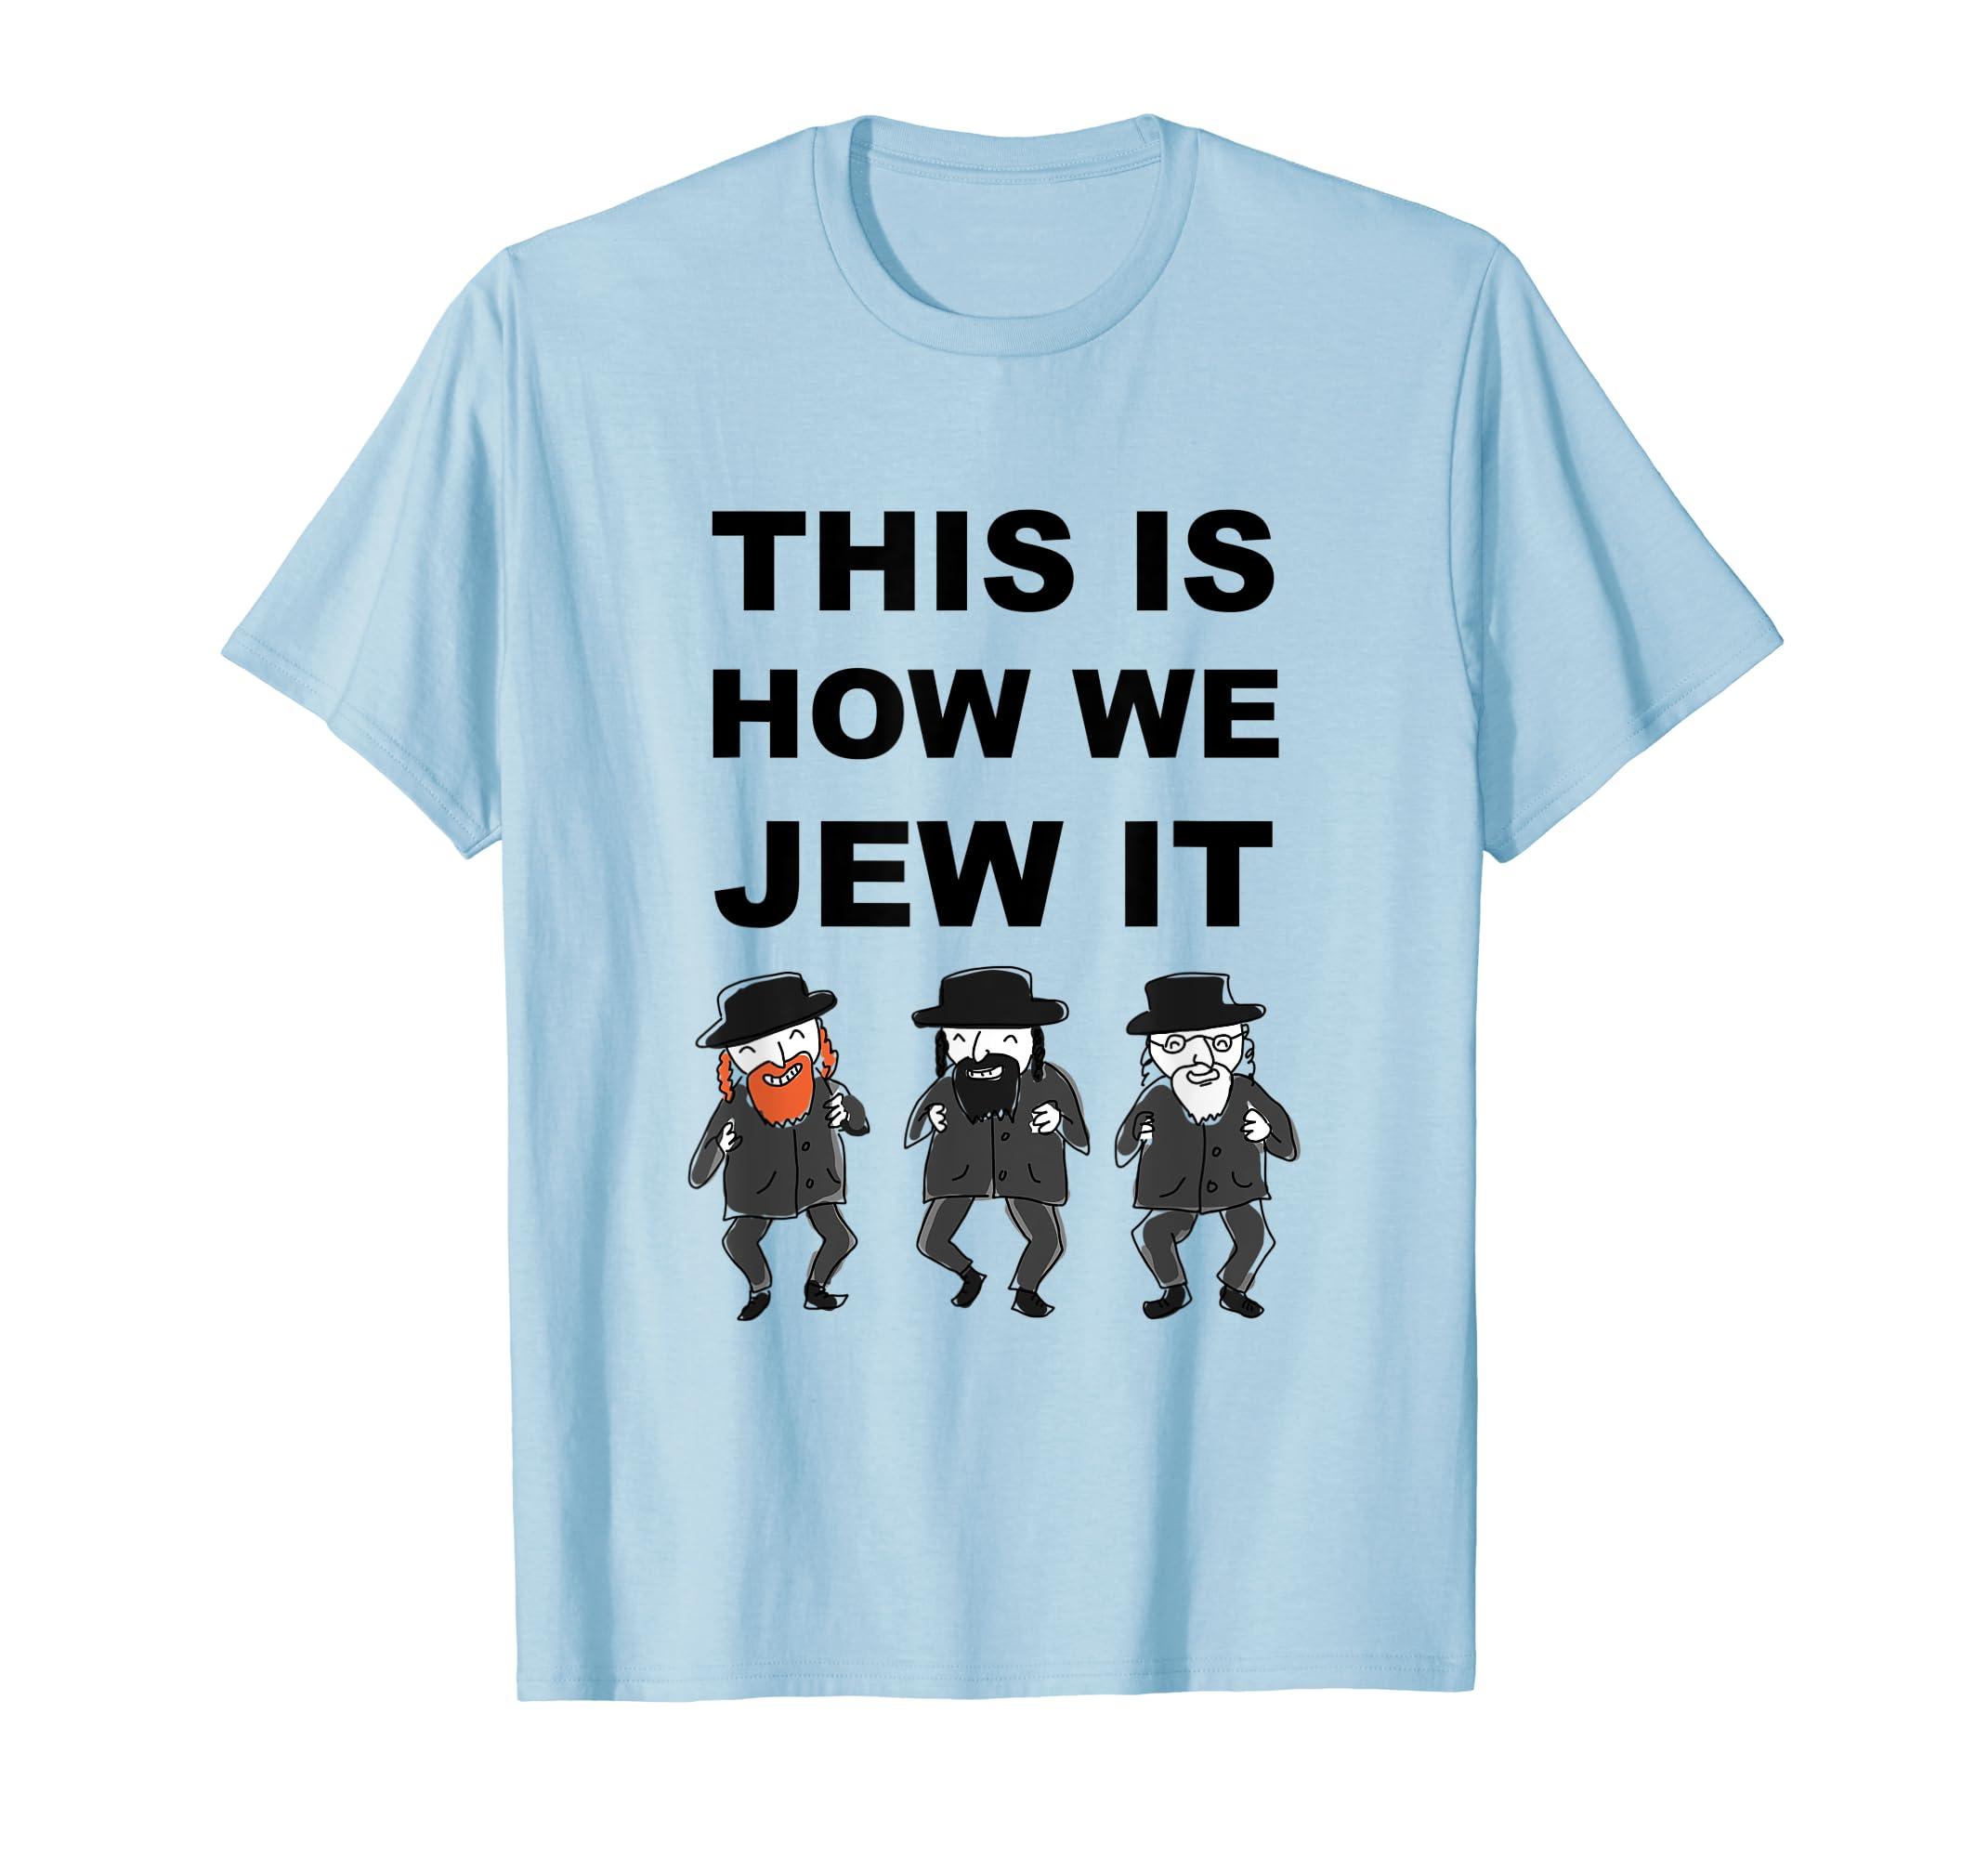 eb93fbc0 Amazon.com: Funny Jewish Shirt | Hanukkah Shirt | Hebrew Shirt: Clothing